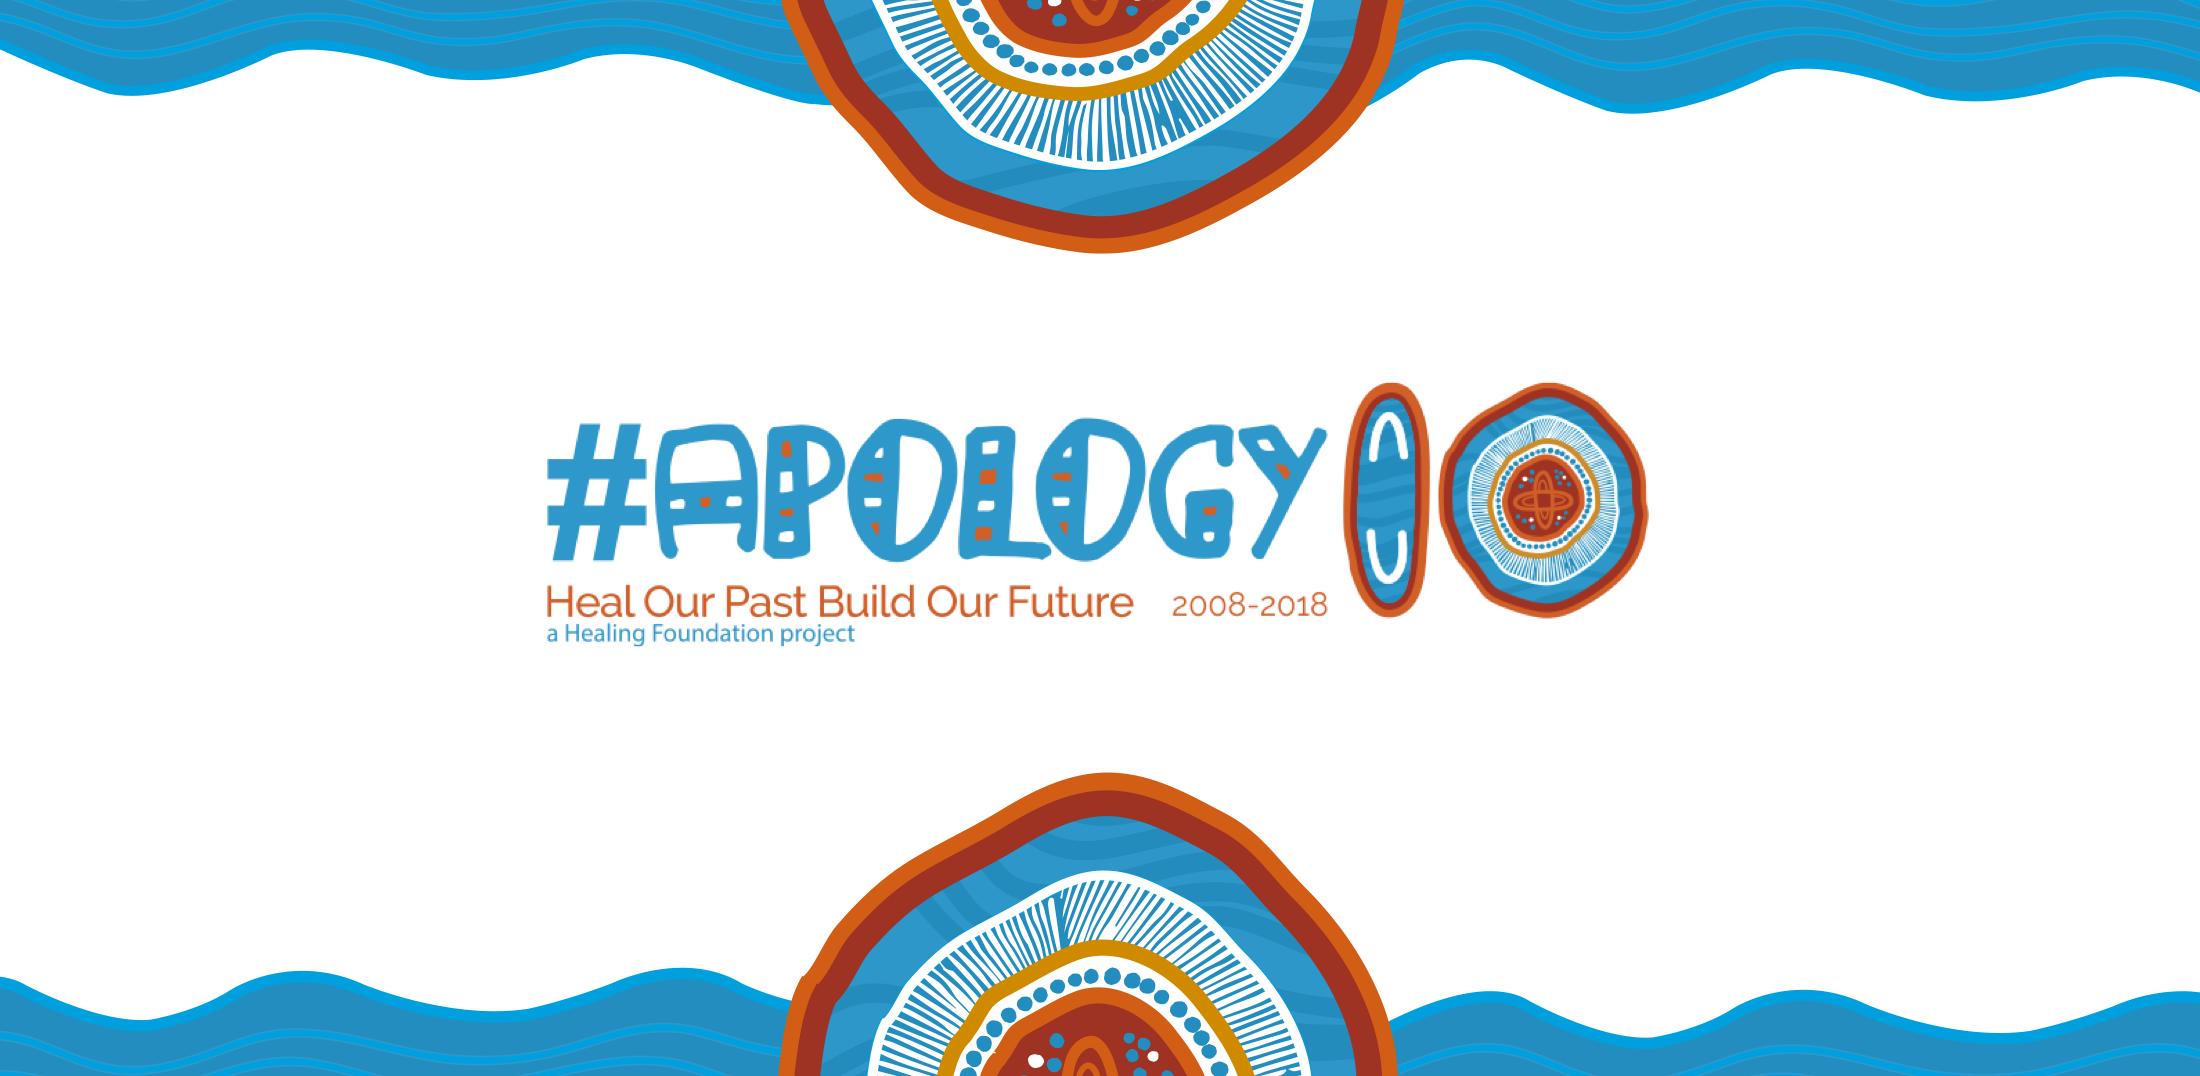 #Apology10